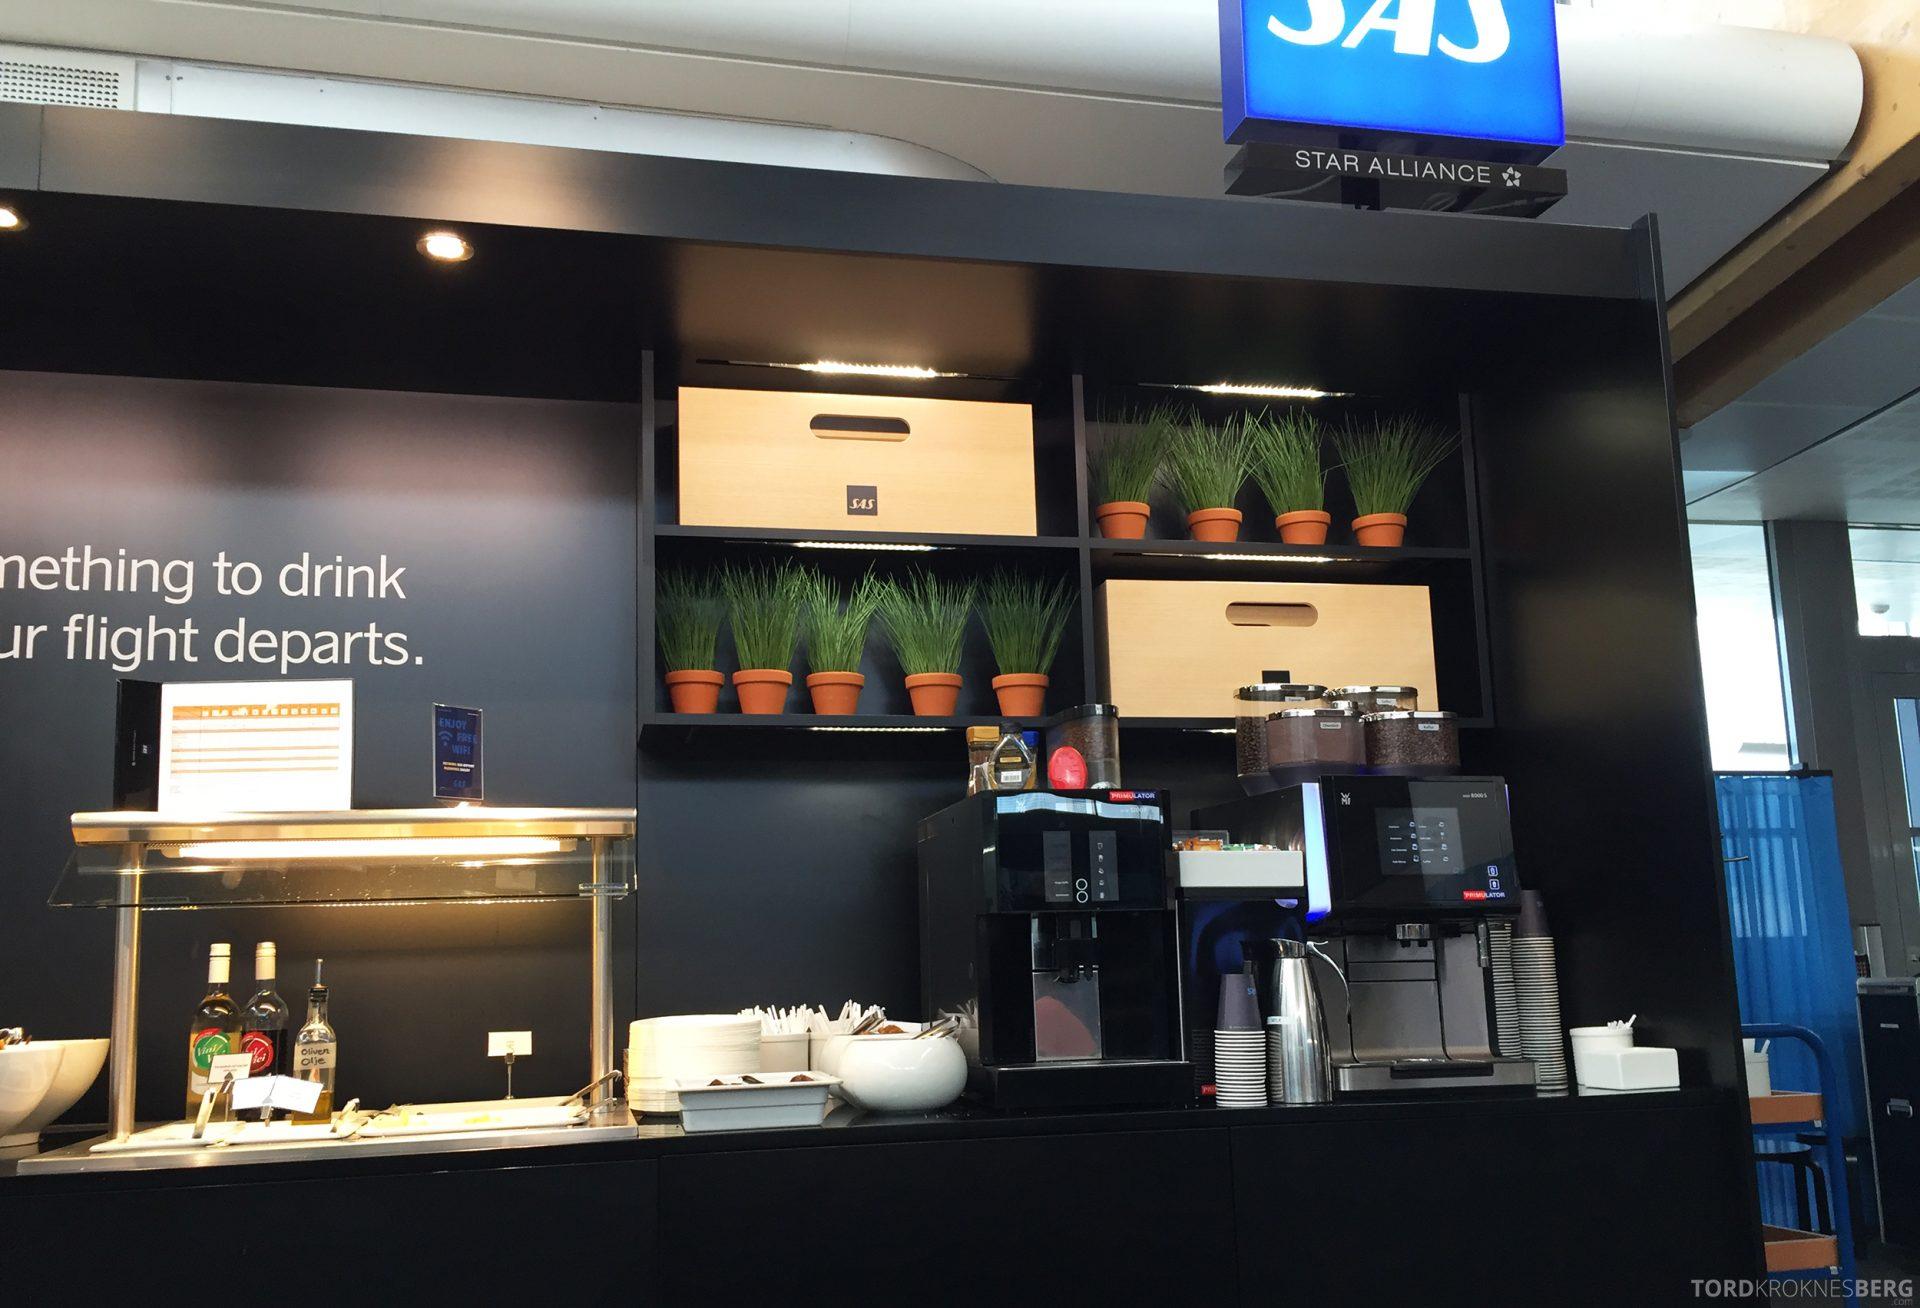 SAS Innenrikslounge Oslo buffet